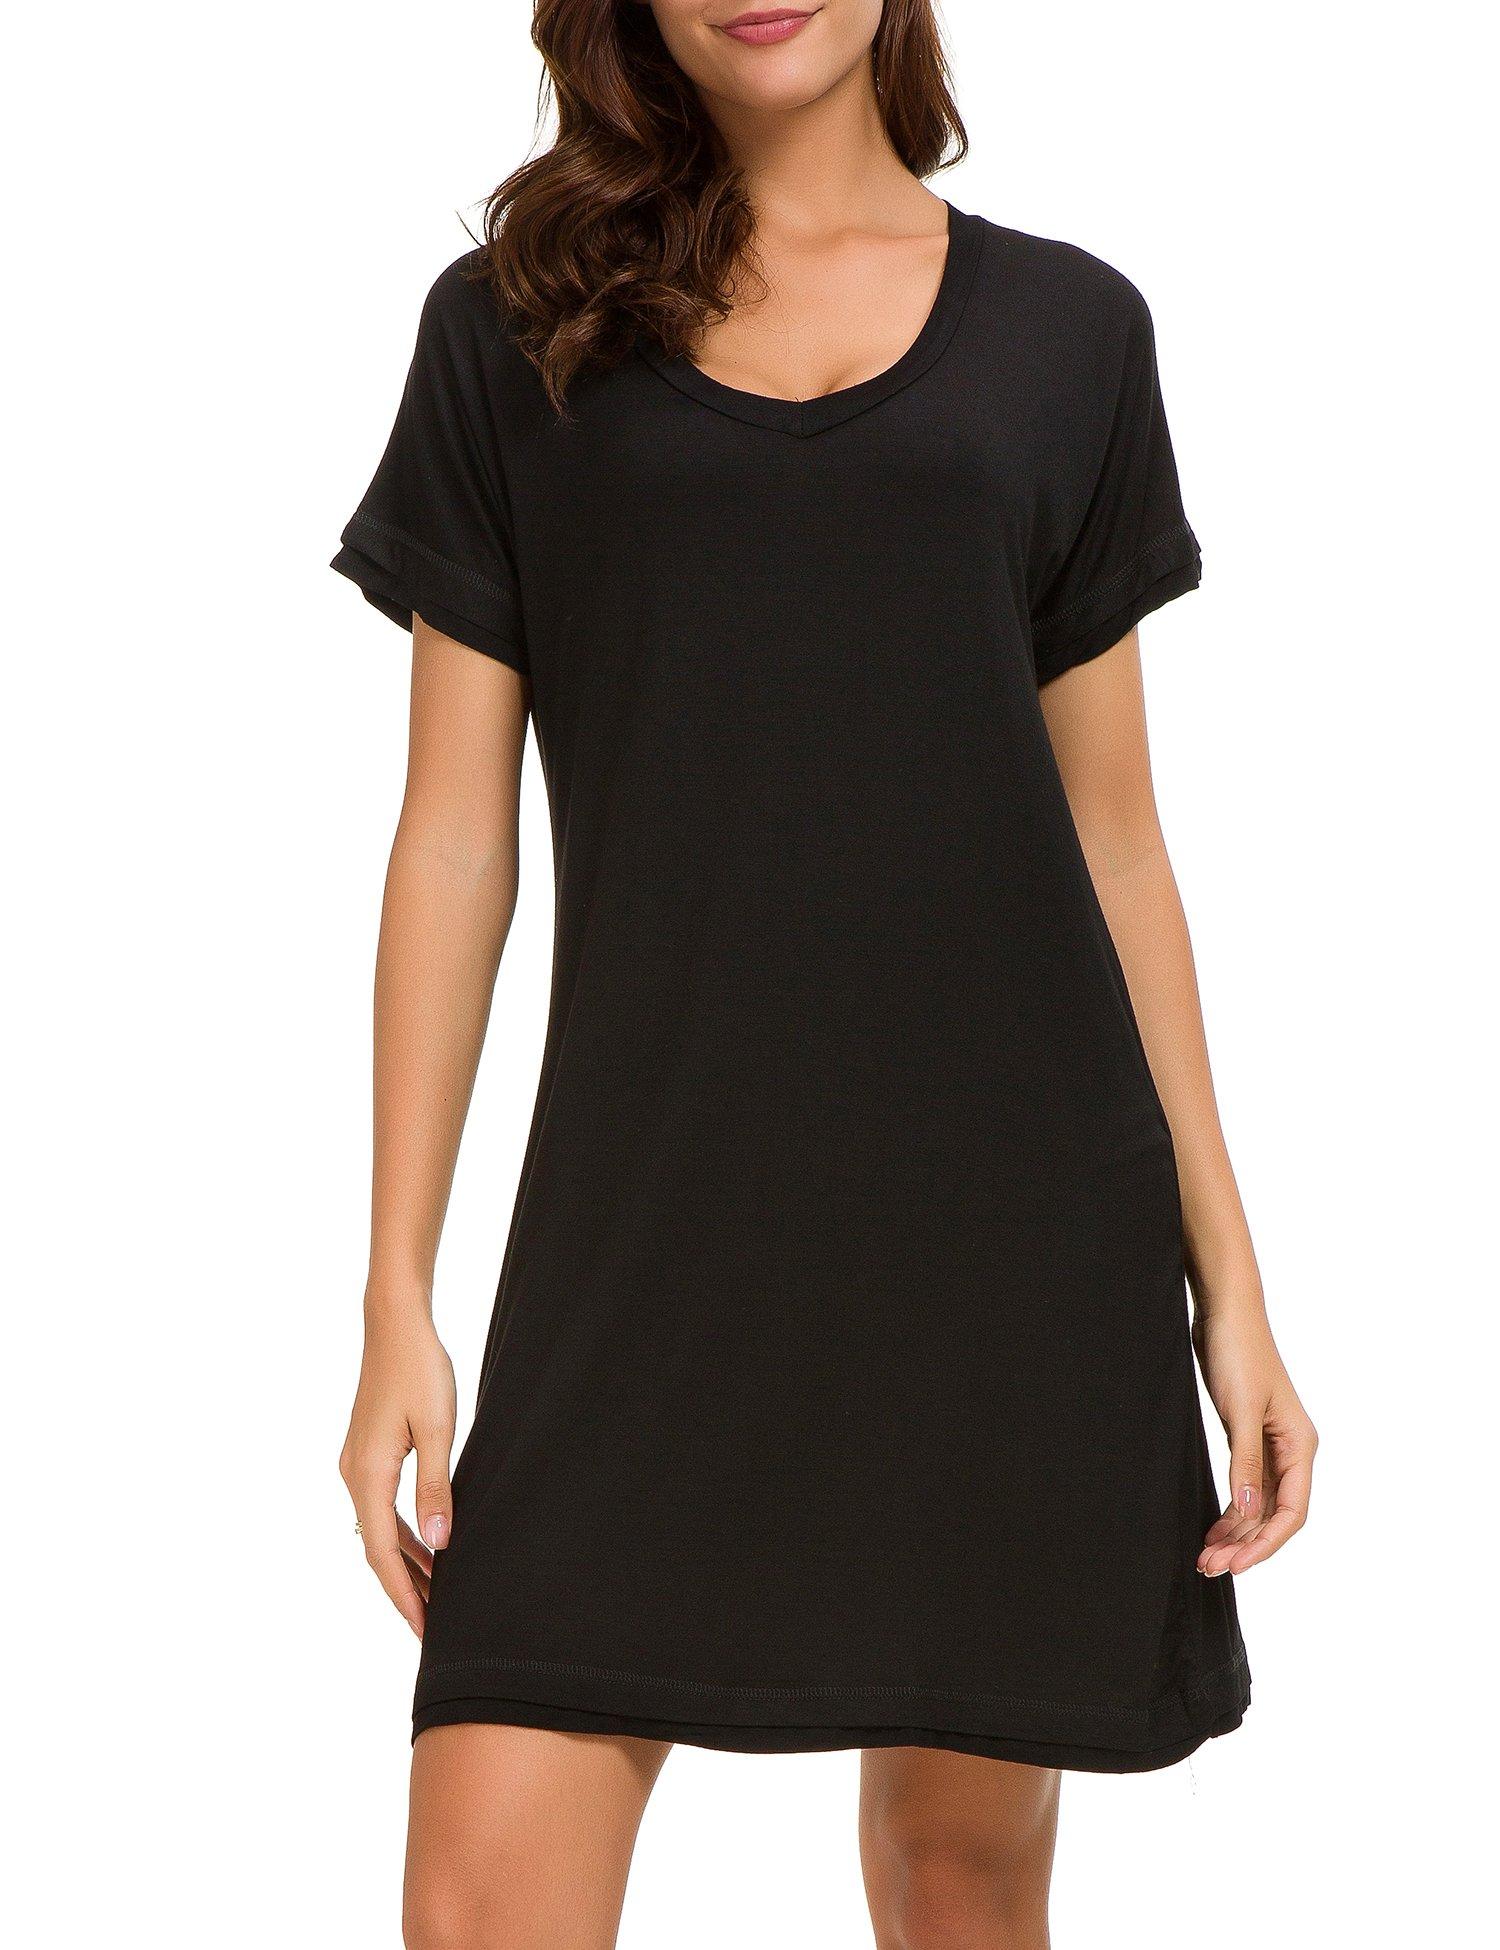 Dolay Women's Sleepwear Cotton Sleep Tee Short Sleeves Knit Sleepshirt (Black, XL) by Dolay (Image #1)